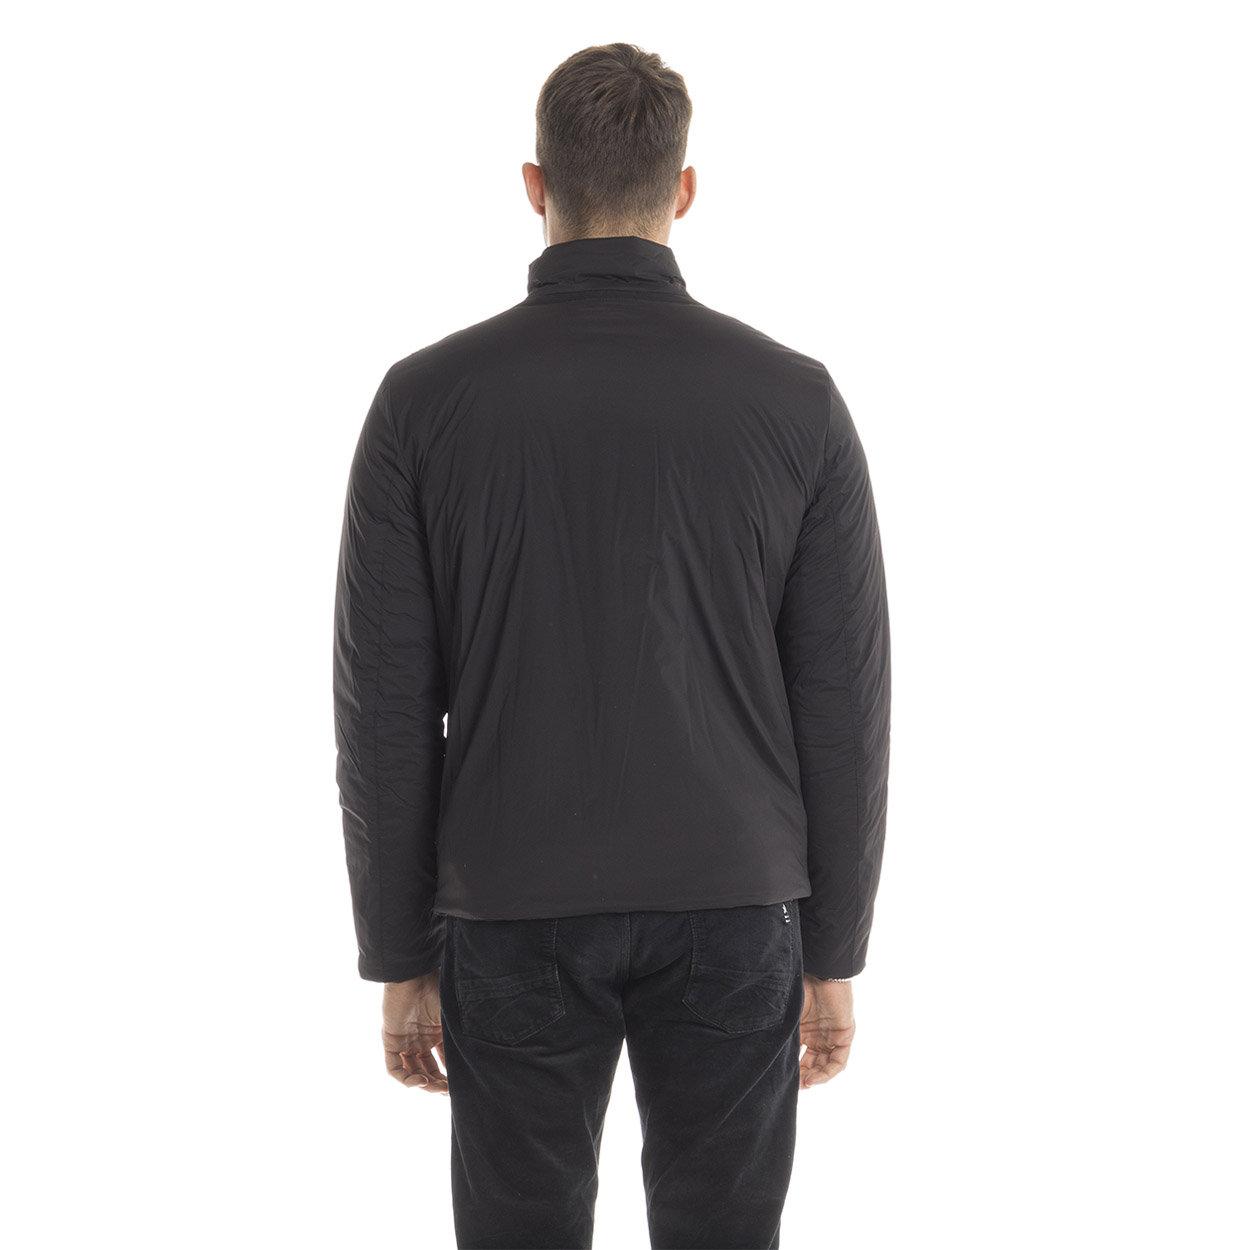 Giubbotto corto con collo alto nero Geox abbigliamento Acquista su Ventis.